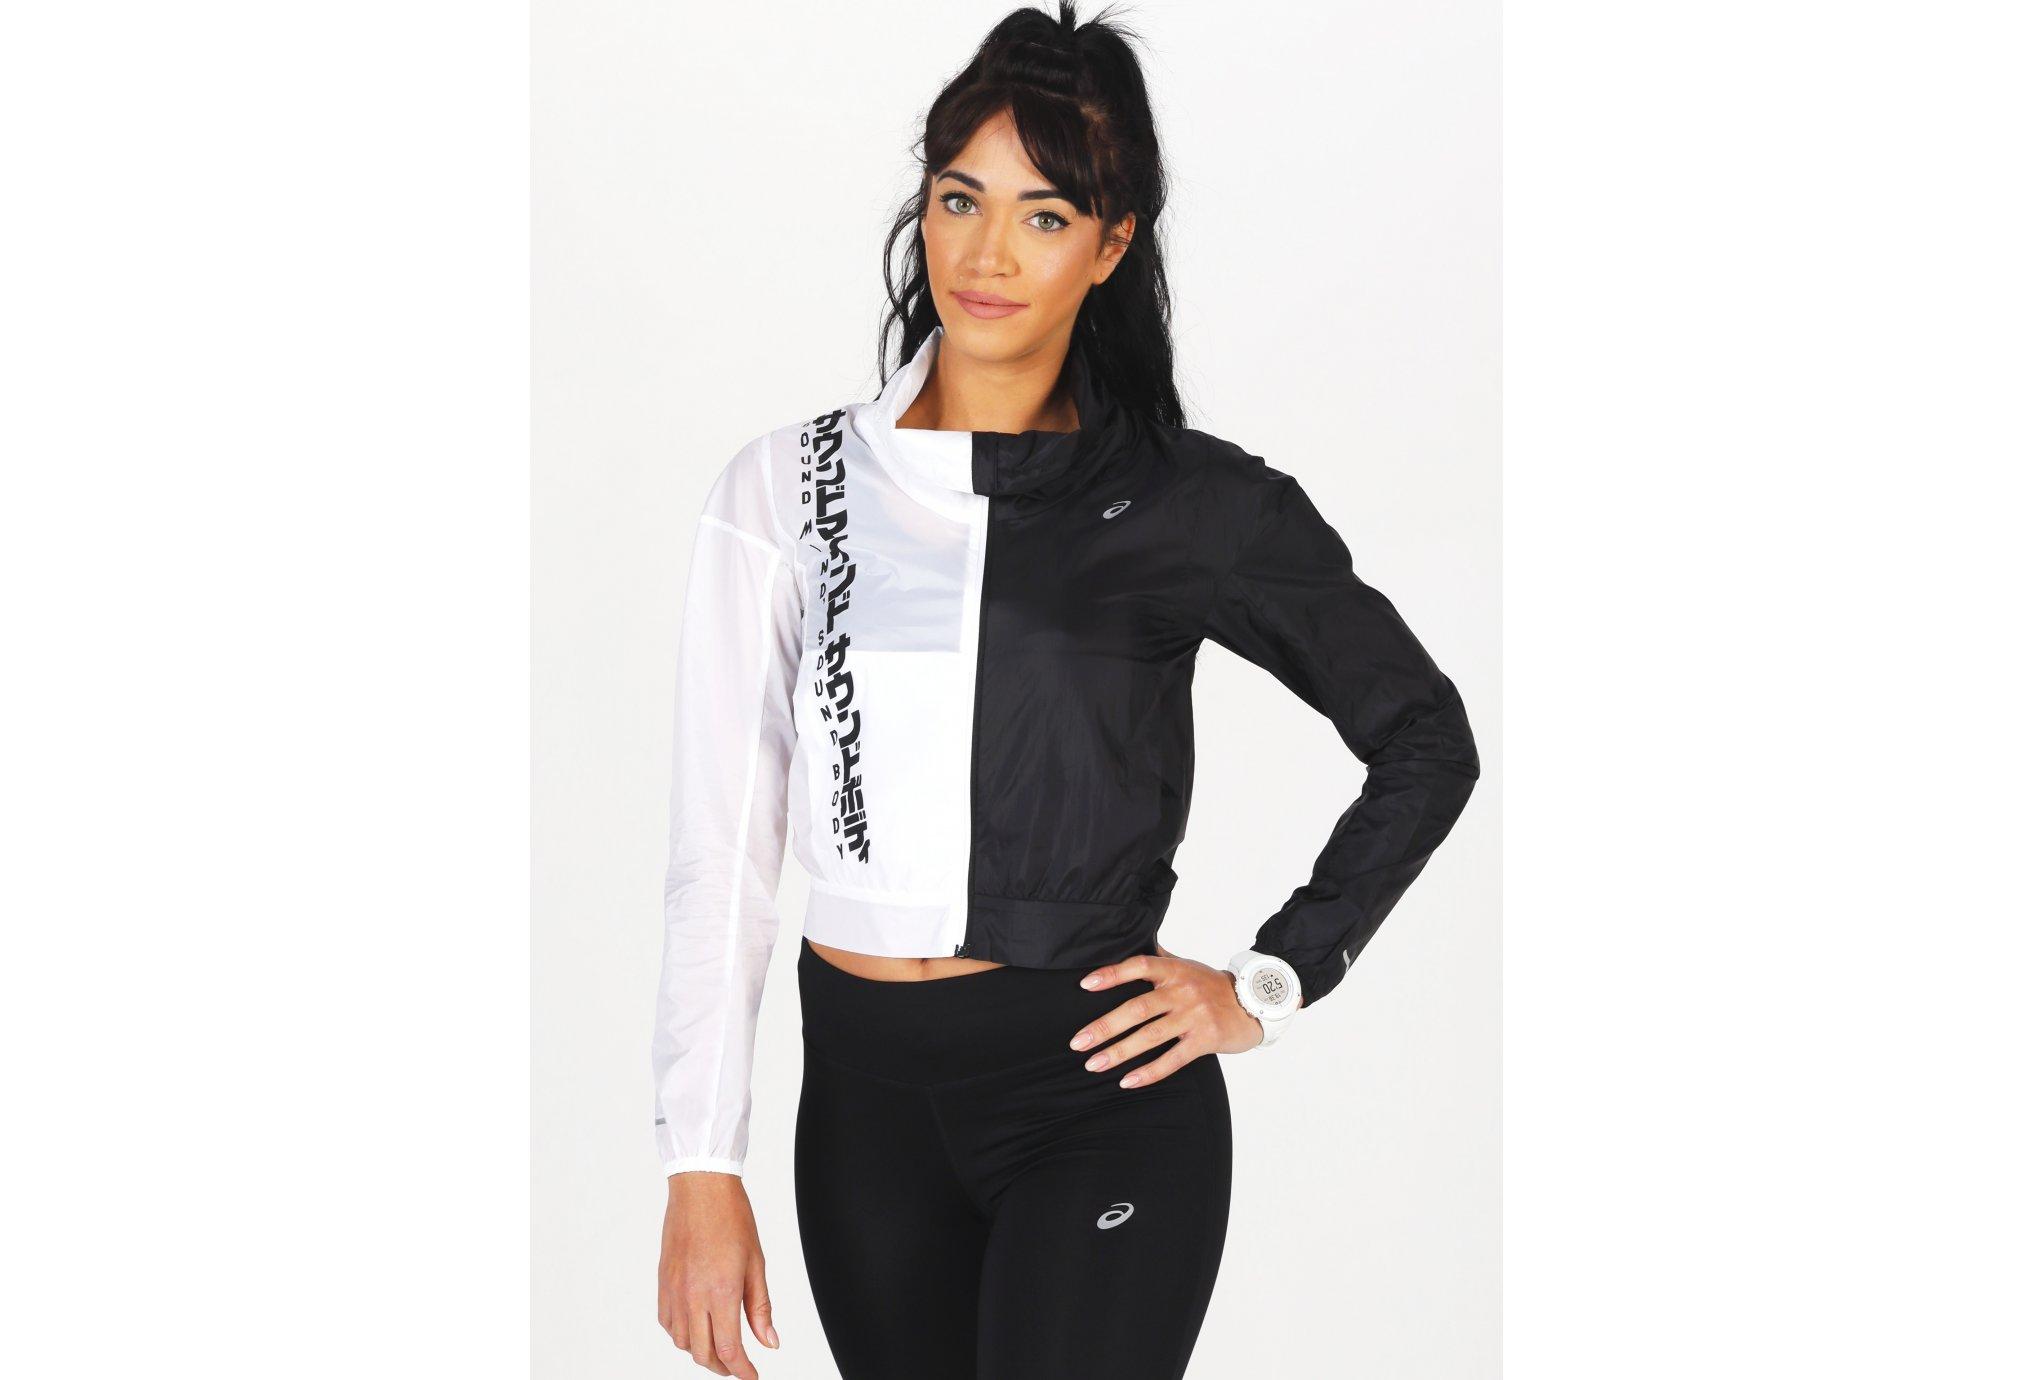 Asics SMSB Run W vêtement running femme